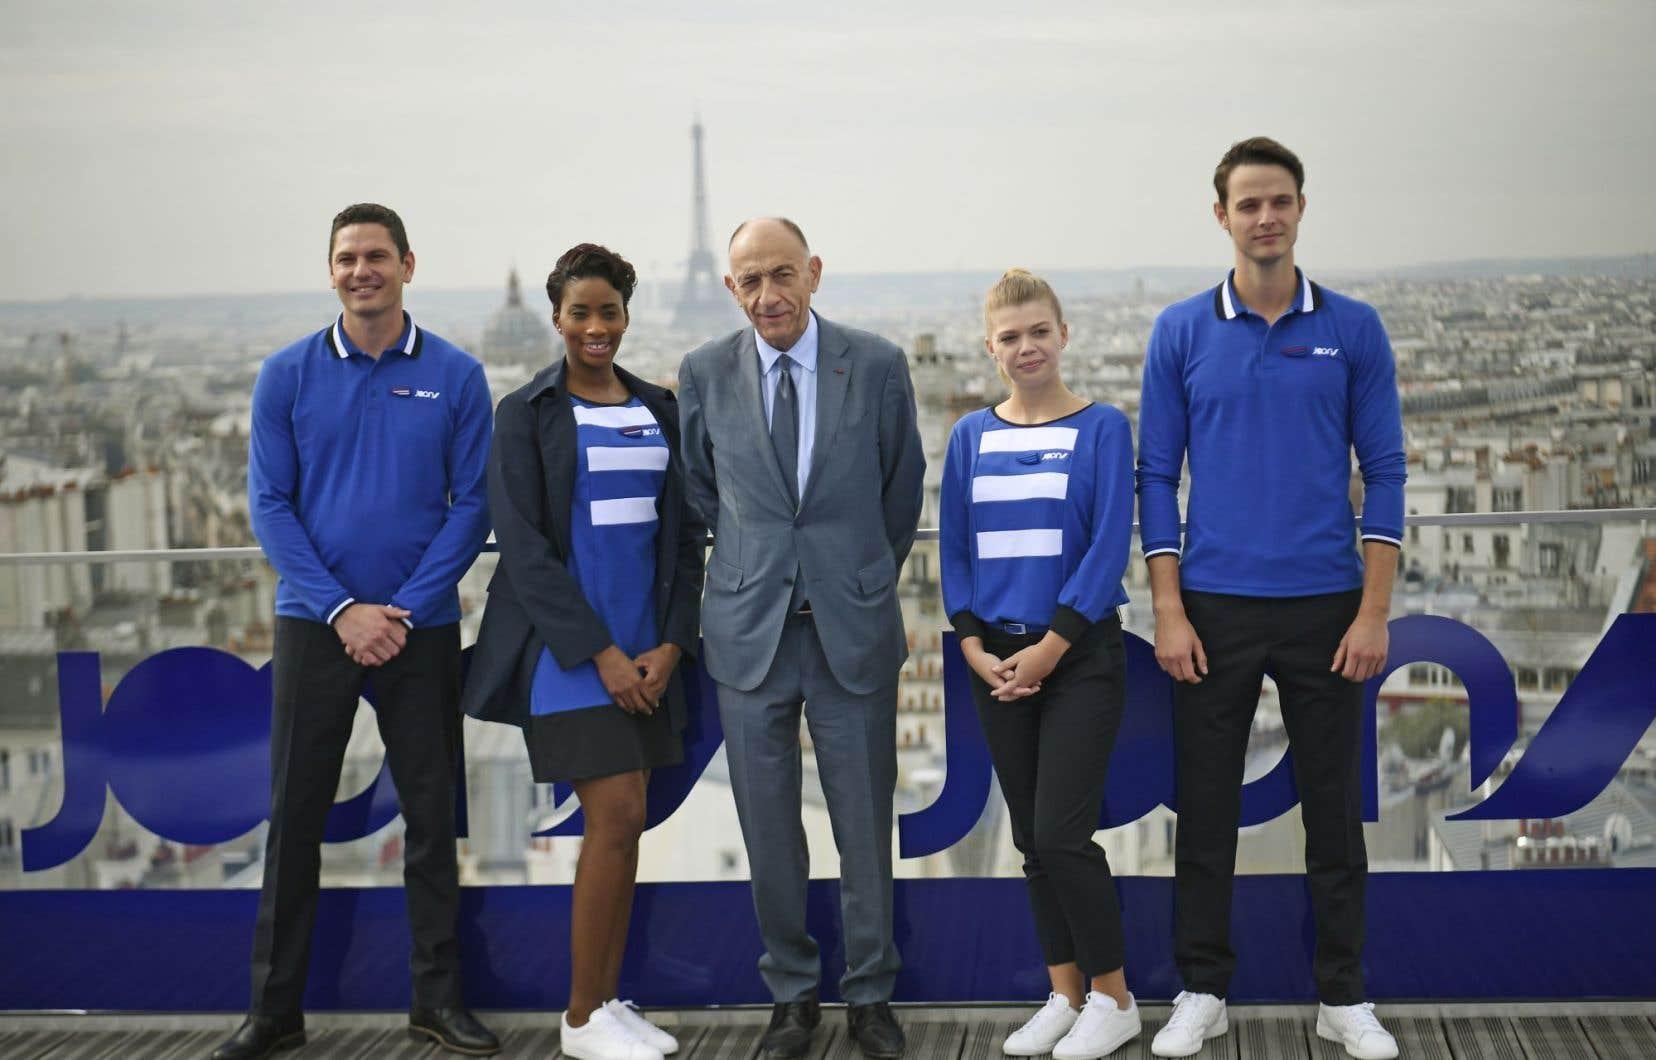 Le p.-d.g. d'Air France-KLM, Jean-Marc Janaillac, entouré d'employés. Joon cherche à séduire les «milléniaux».